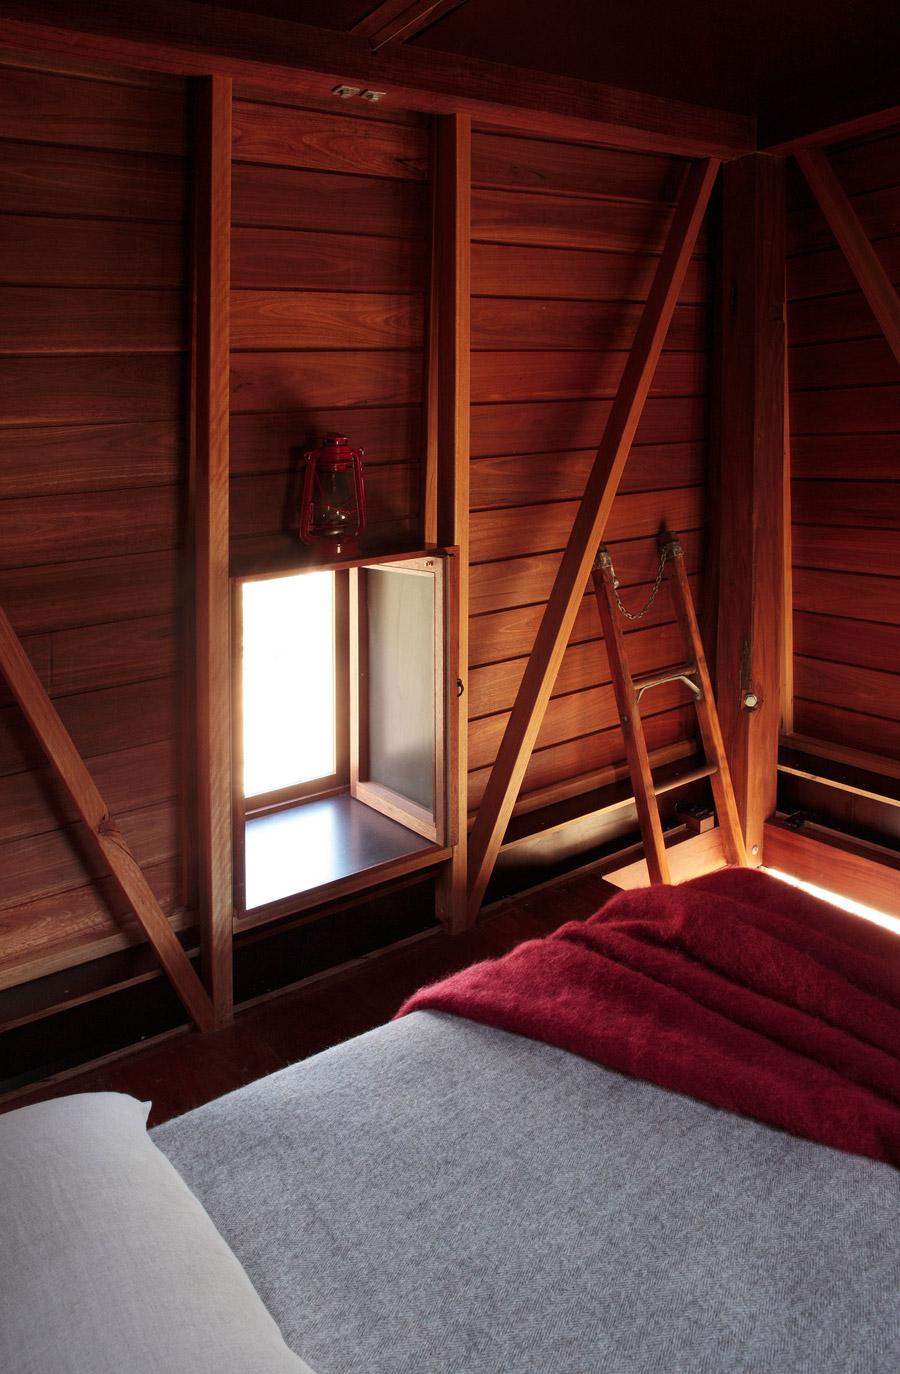 mudgee-hut-casey-brown-architecture-5